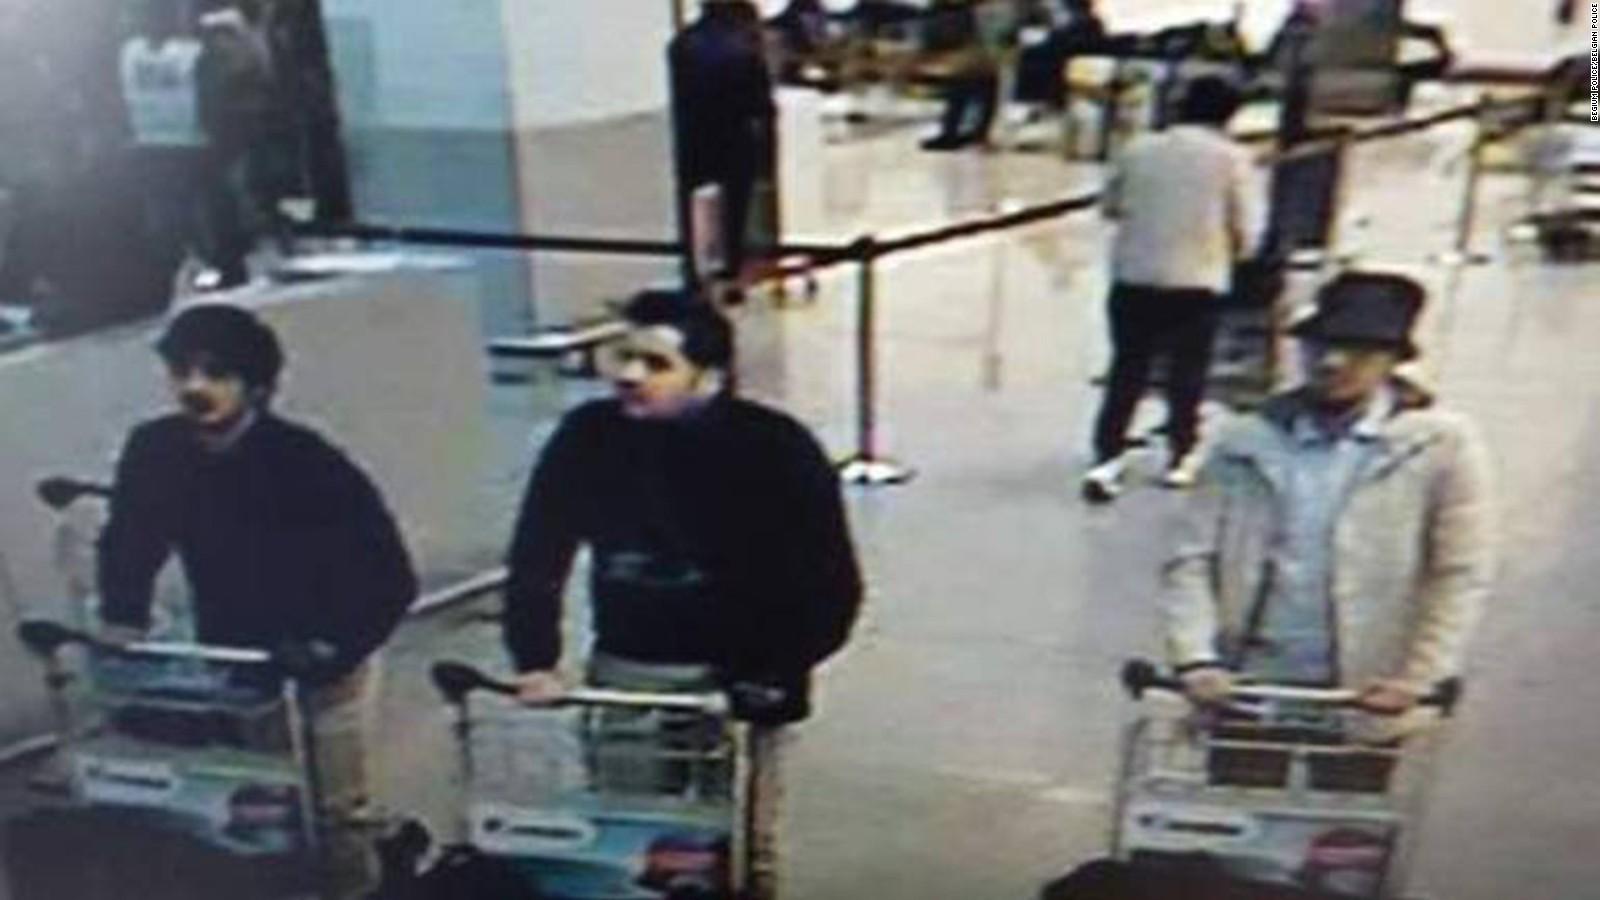 Belgium terror attacks: What we know